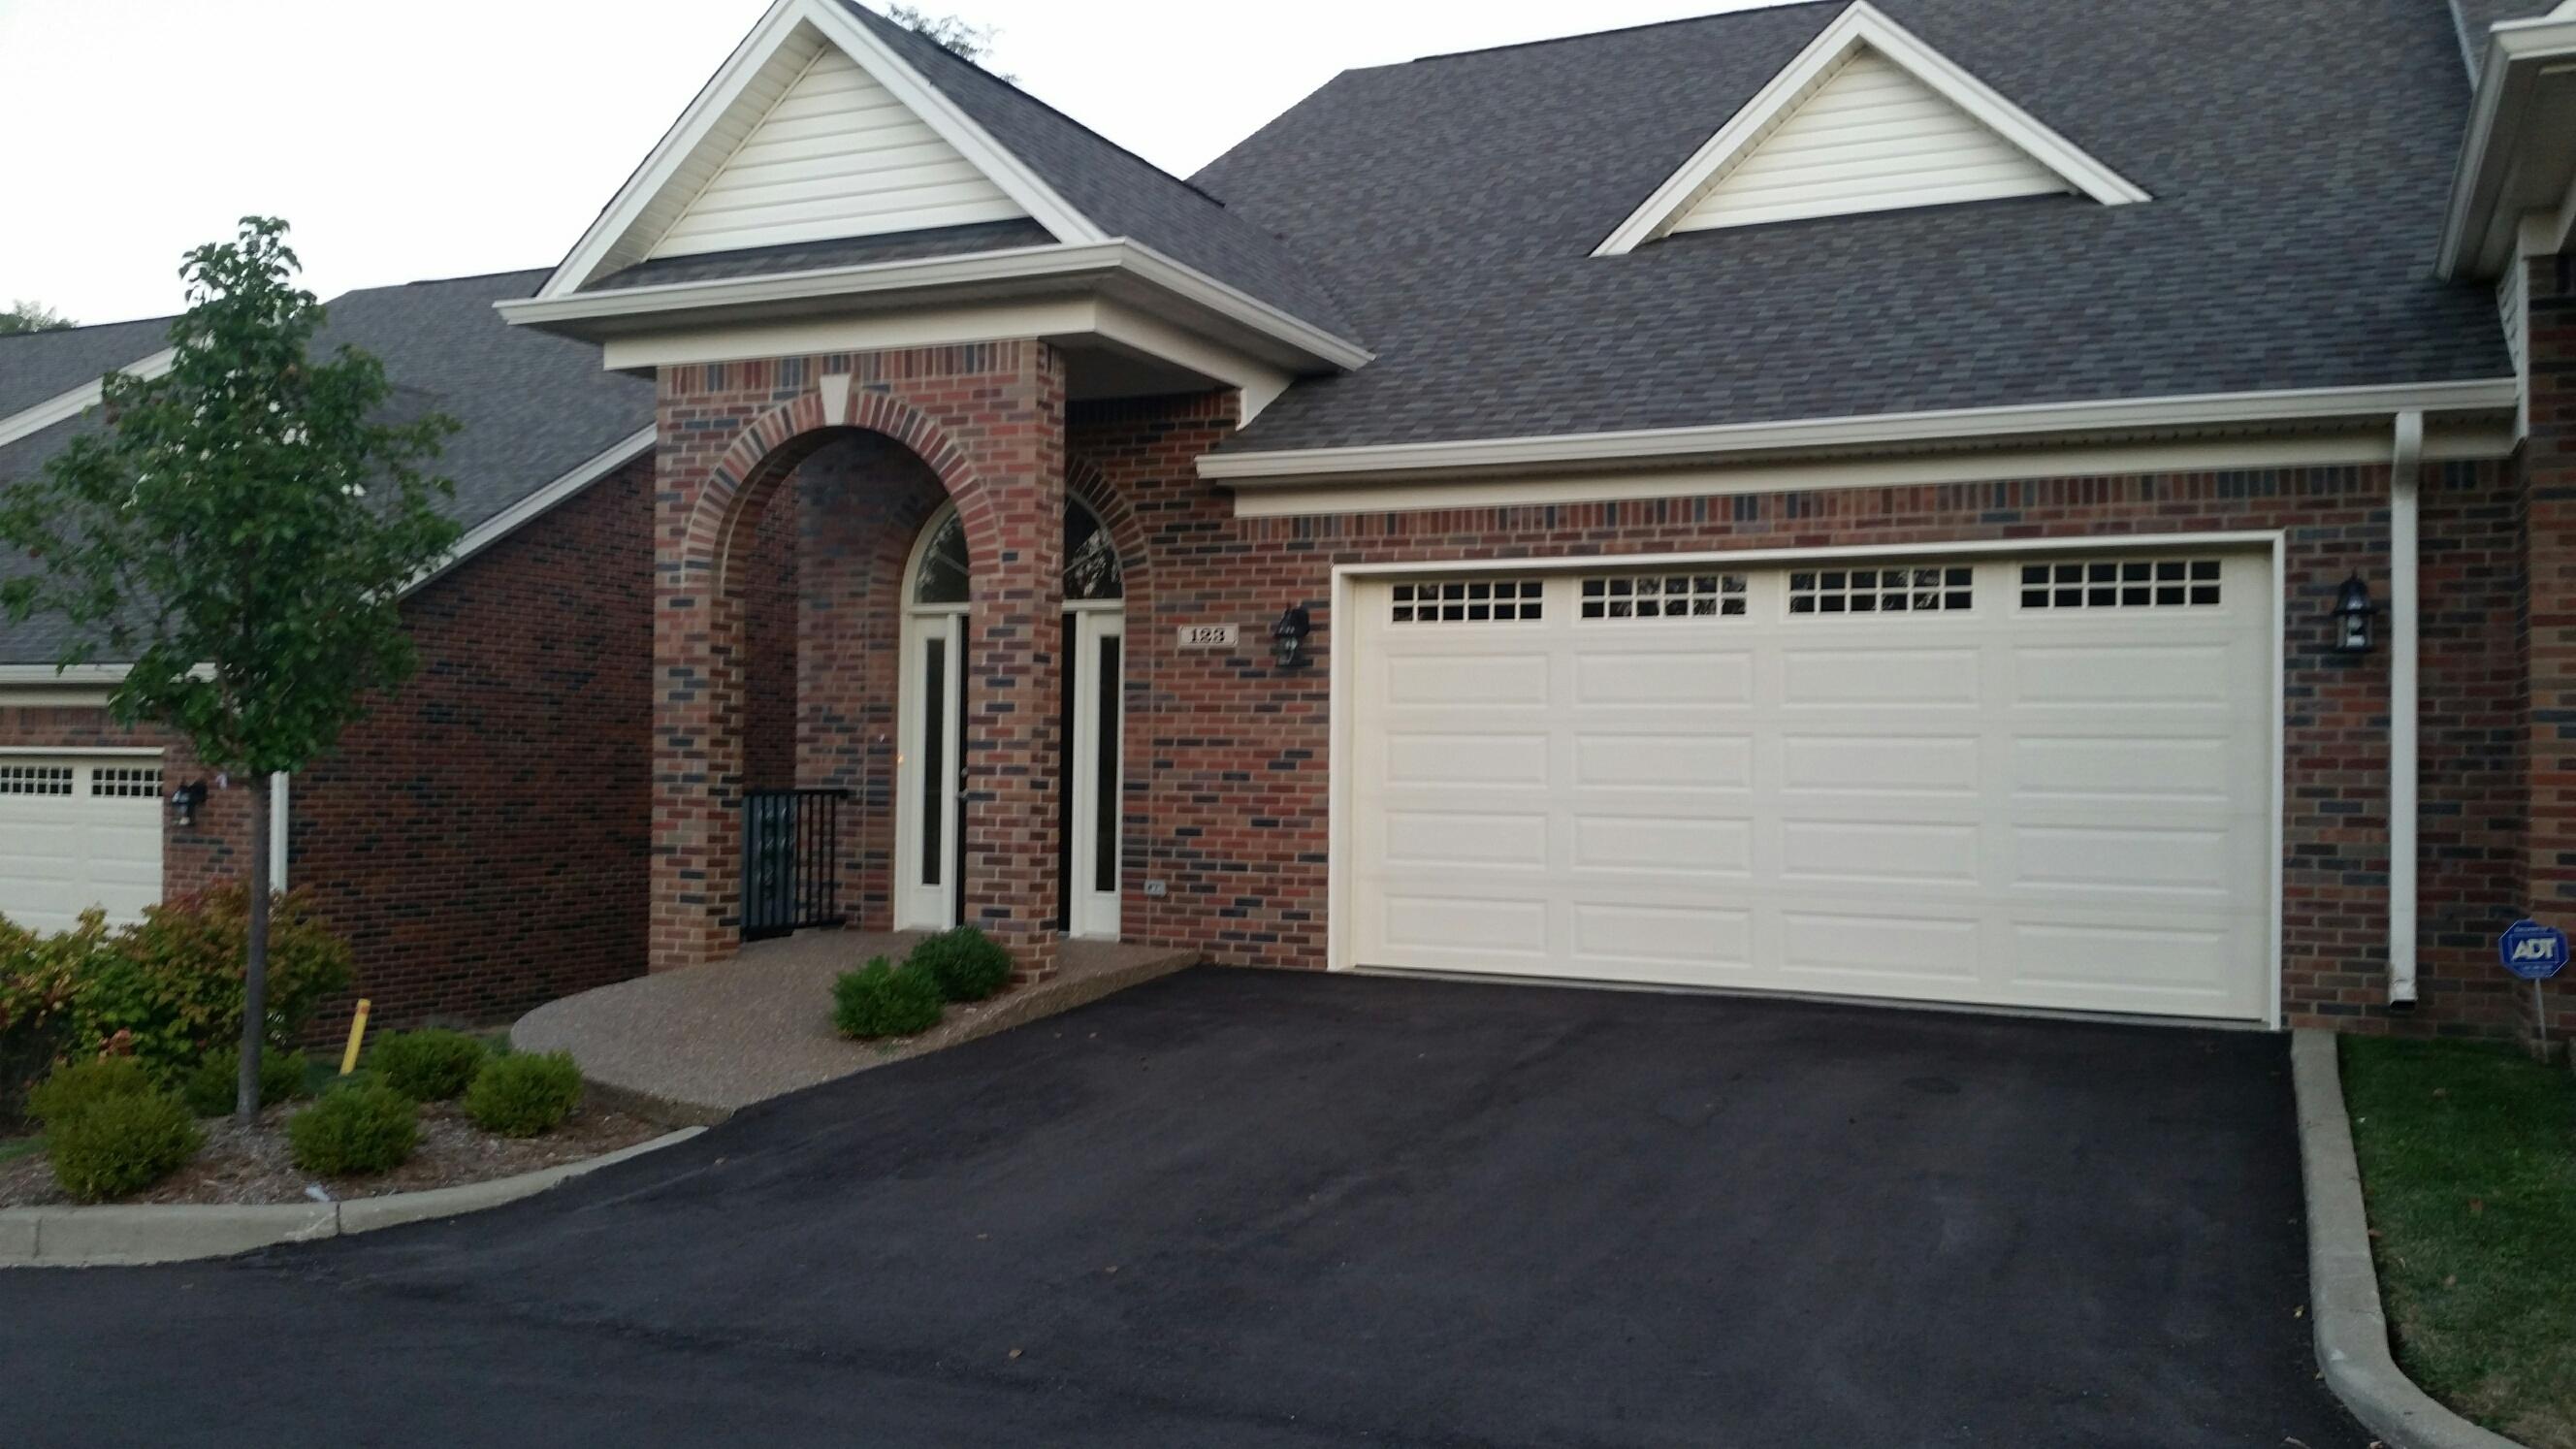 123 Treslyn Way, Louisville, KY 40245